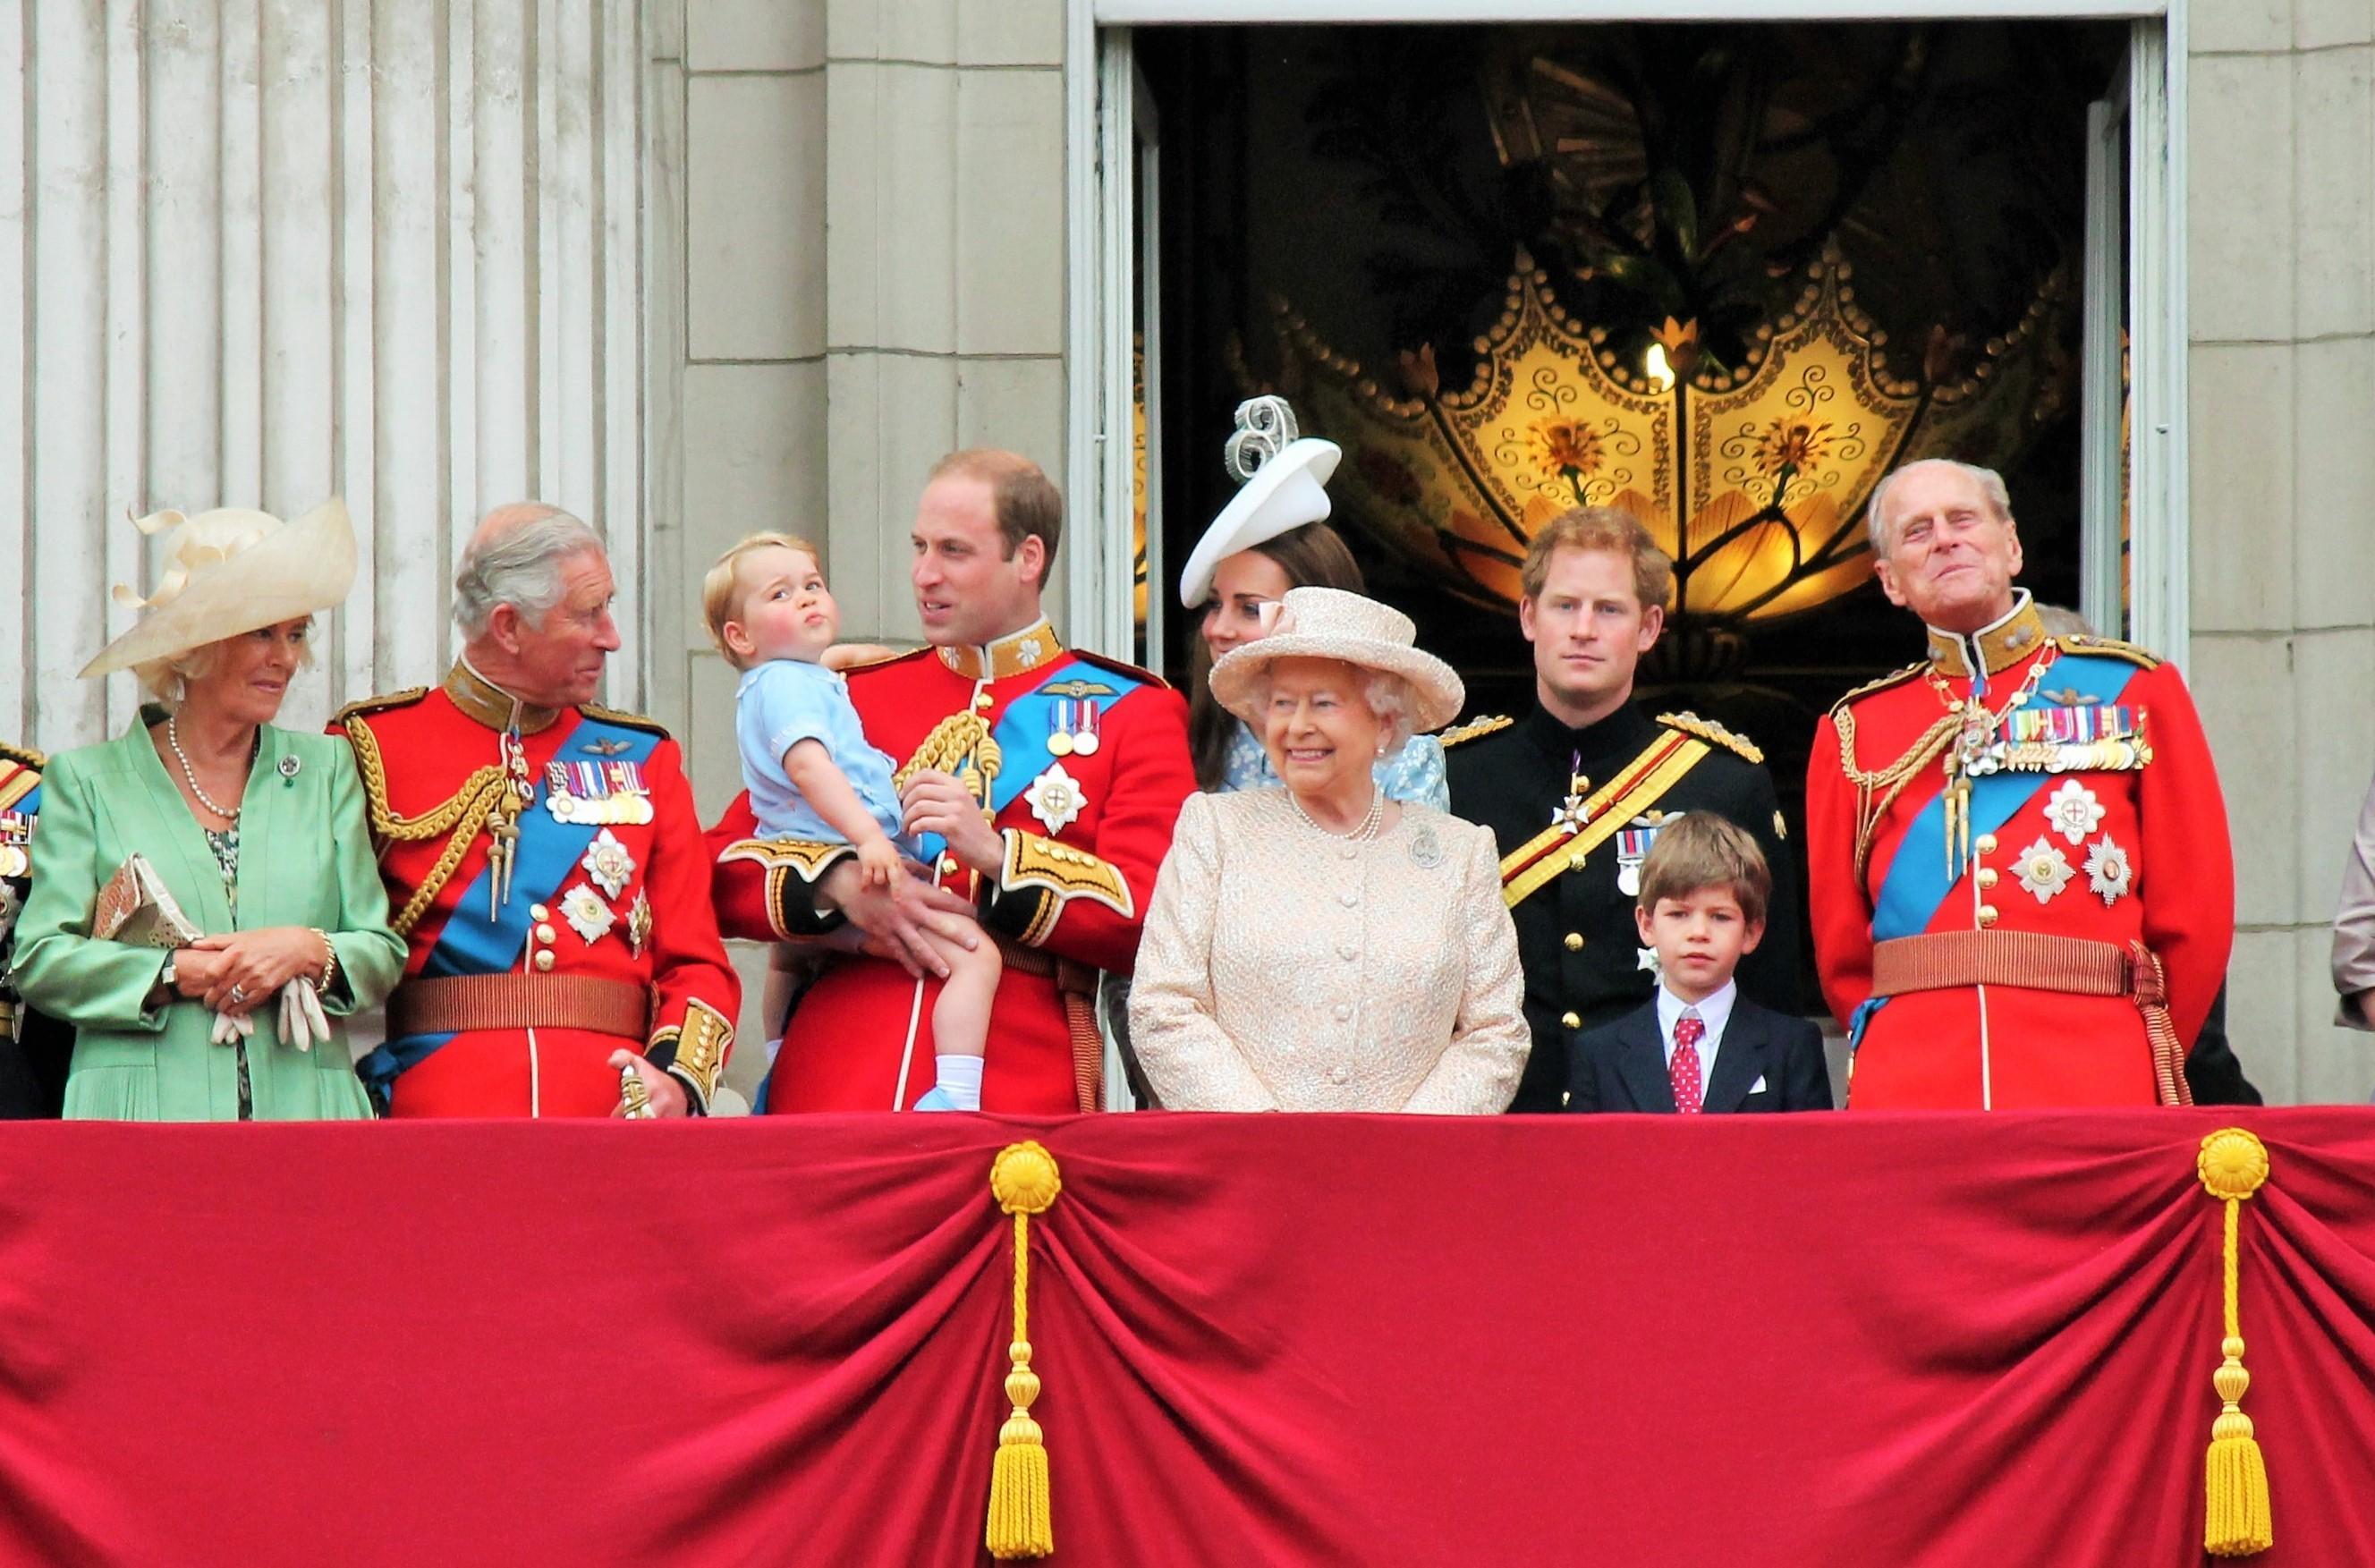 Ce eveniment ar fi sărbătorit Familia Regală în data de 9 aprilie, ziua în care a murit Prințul Philip